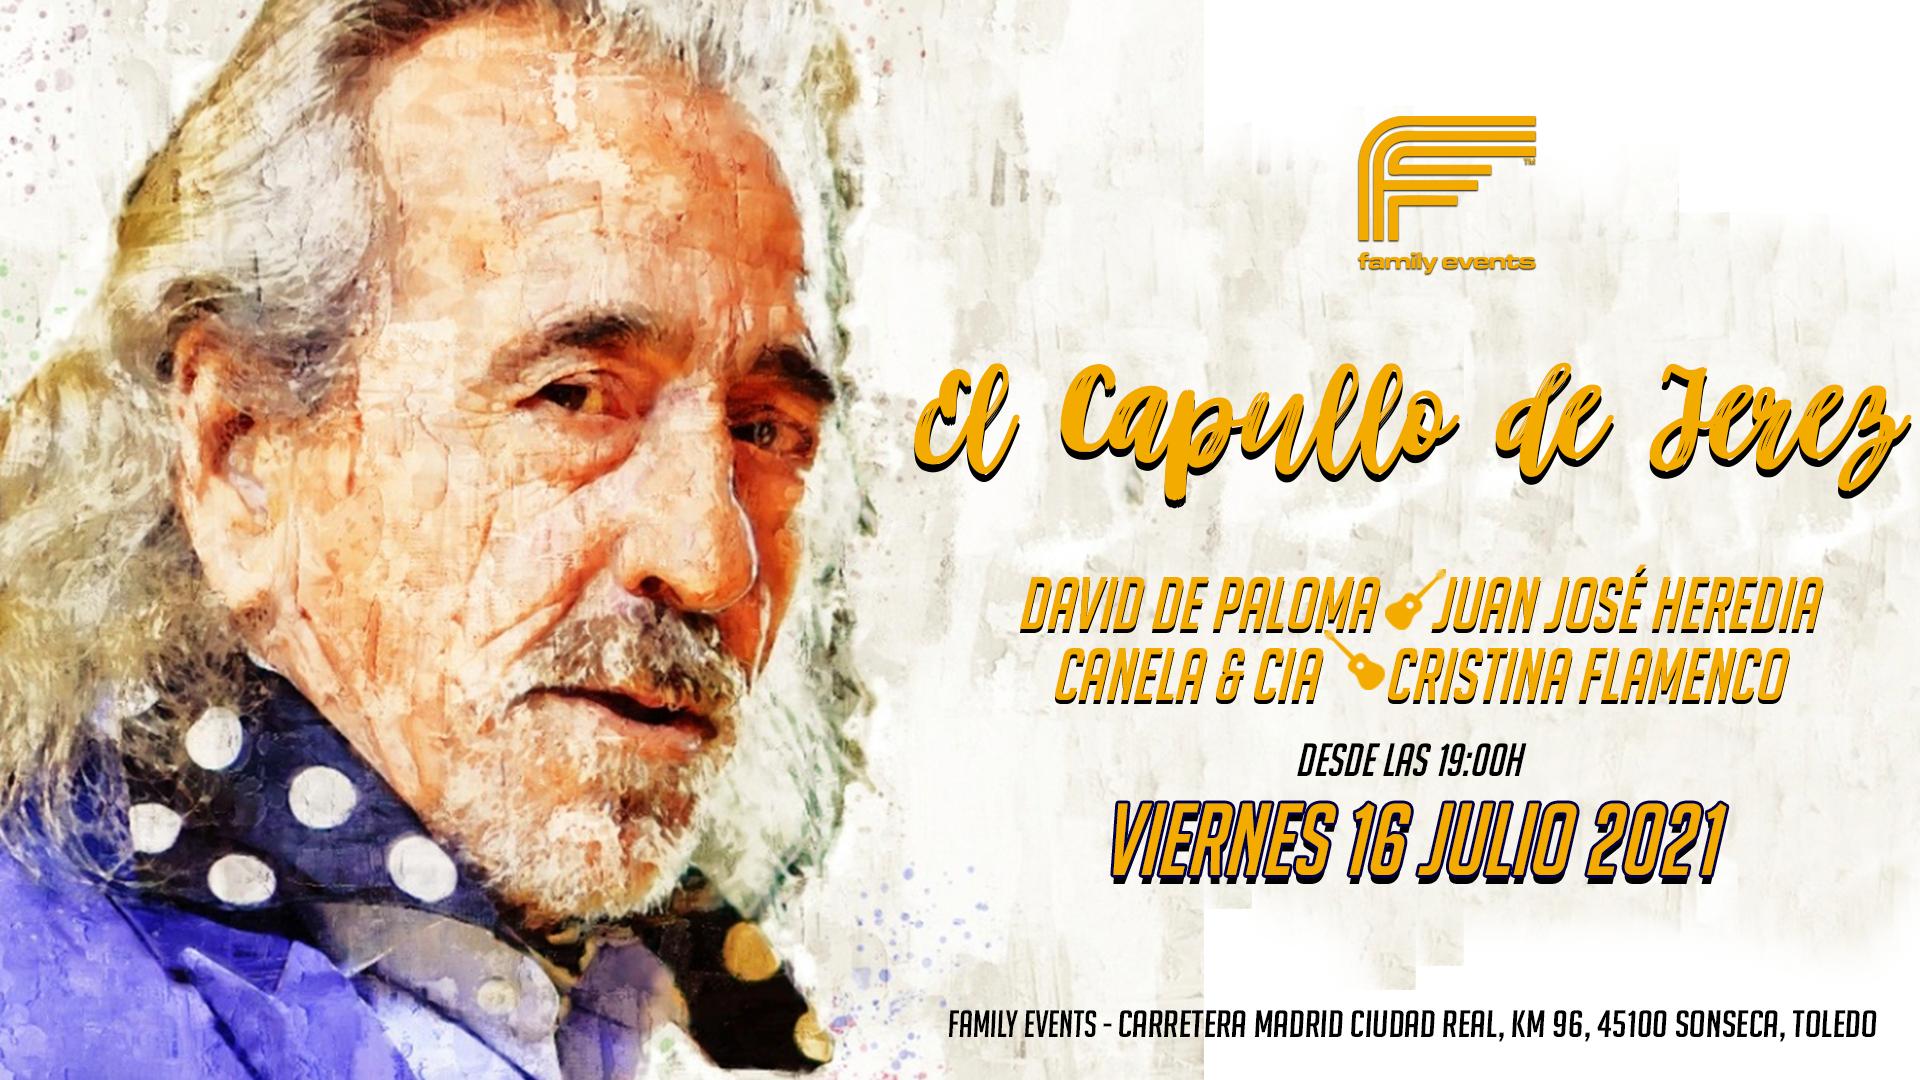 El Capullo de Jerez -  Family Events